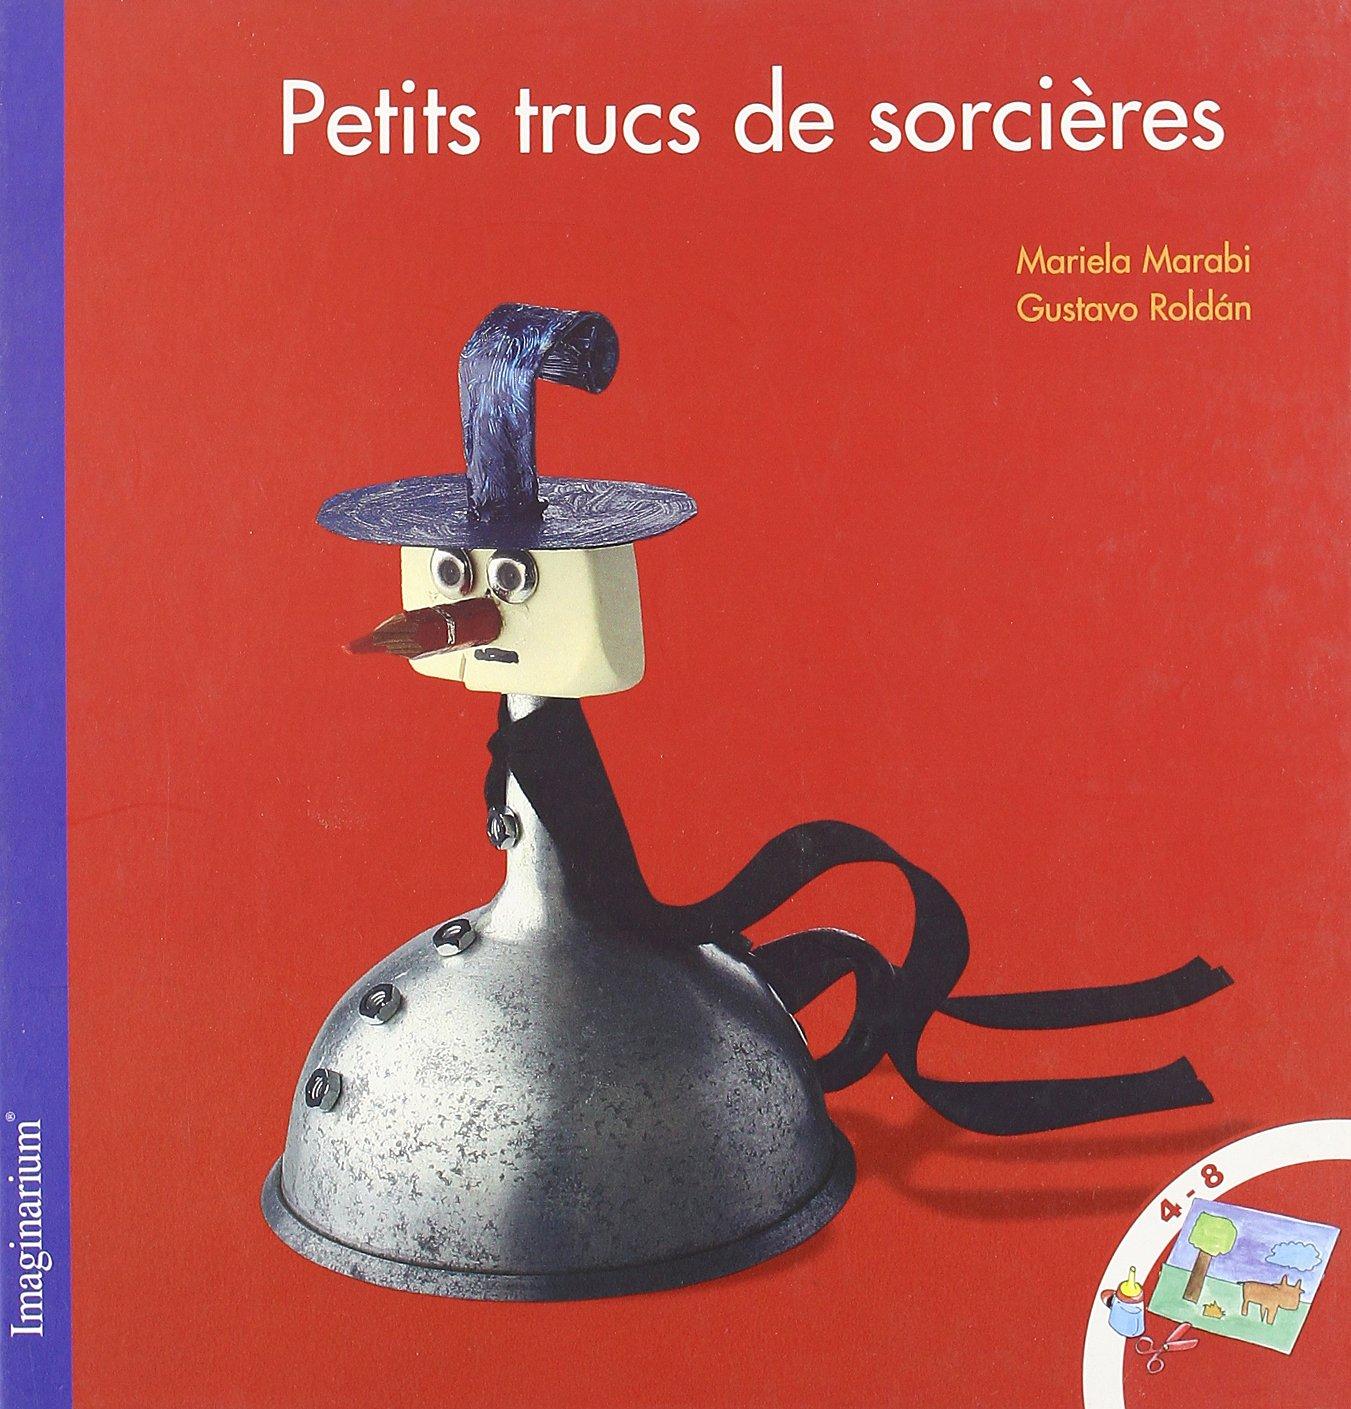 Petits trucs de sorcières: Amazon.es: Marabi, Mariela, Roldán, Gustavo, Martin, Catherine: Libros en idiomas extranjeros